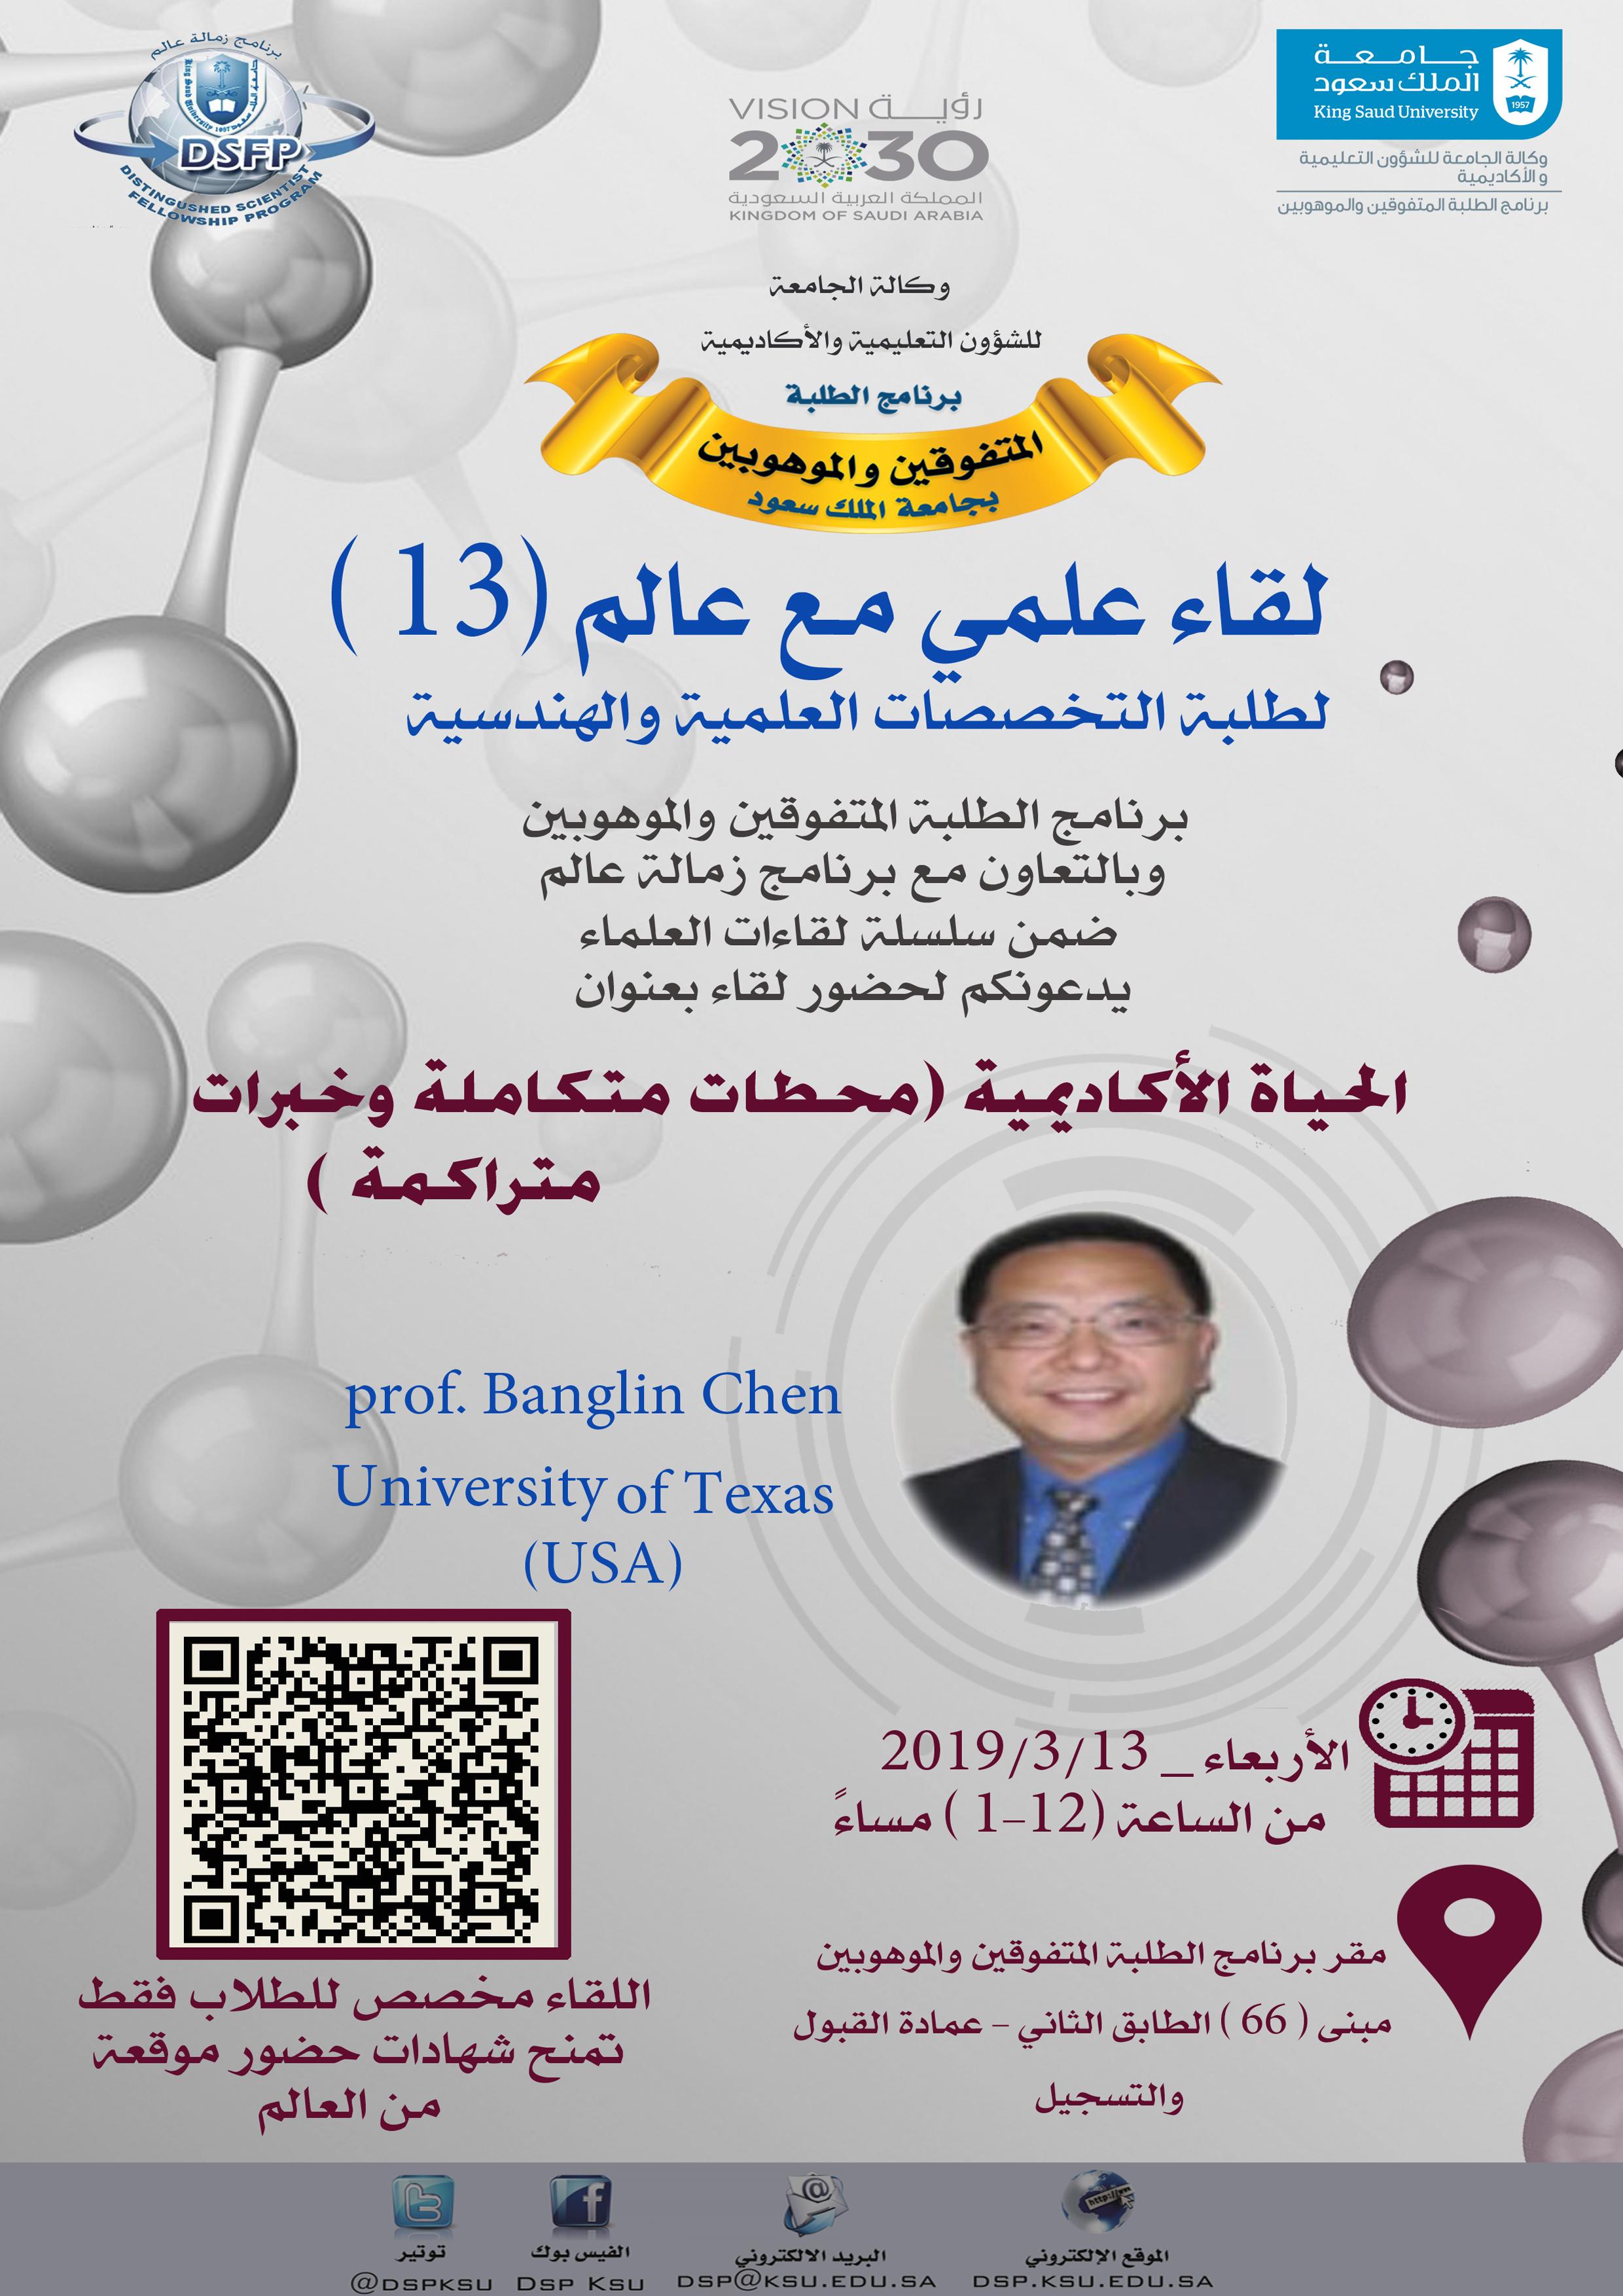 لقاء علمي مع عالم (١٣)